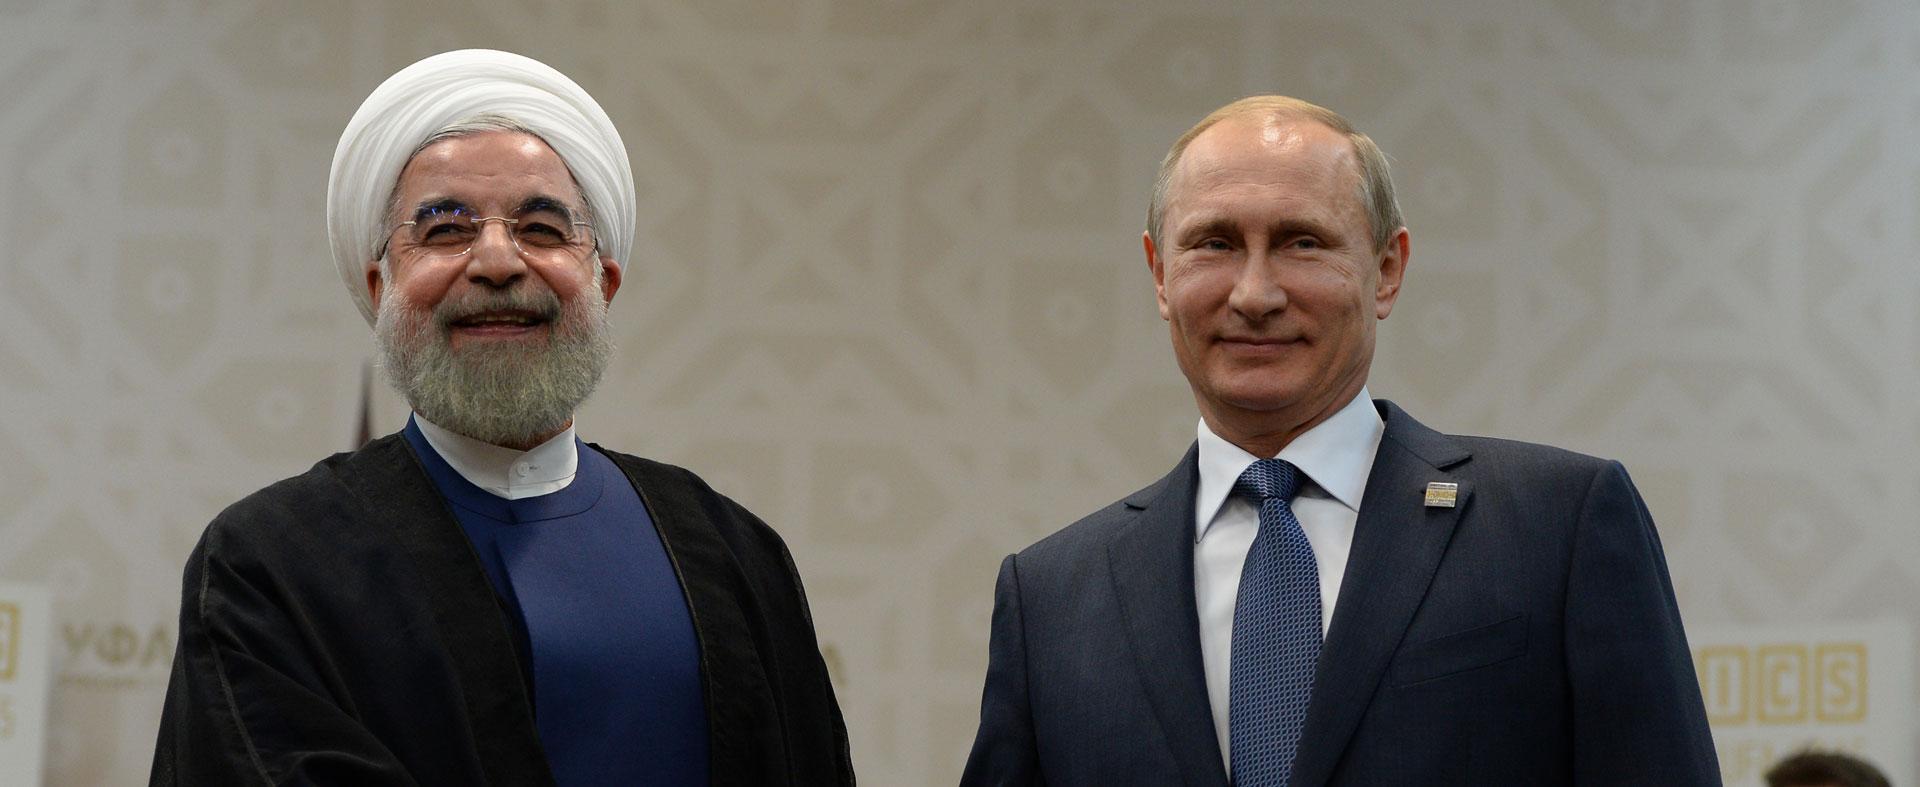 iranrussia